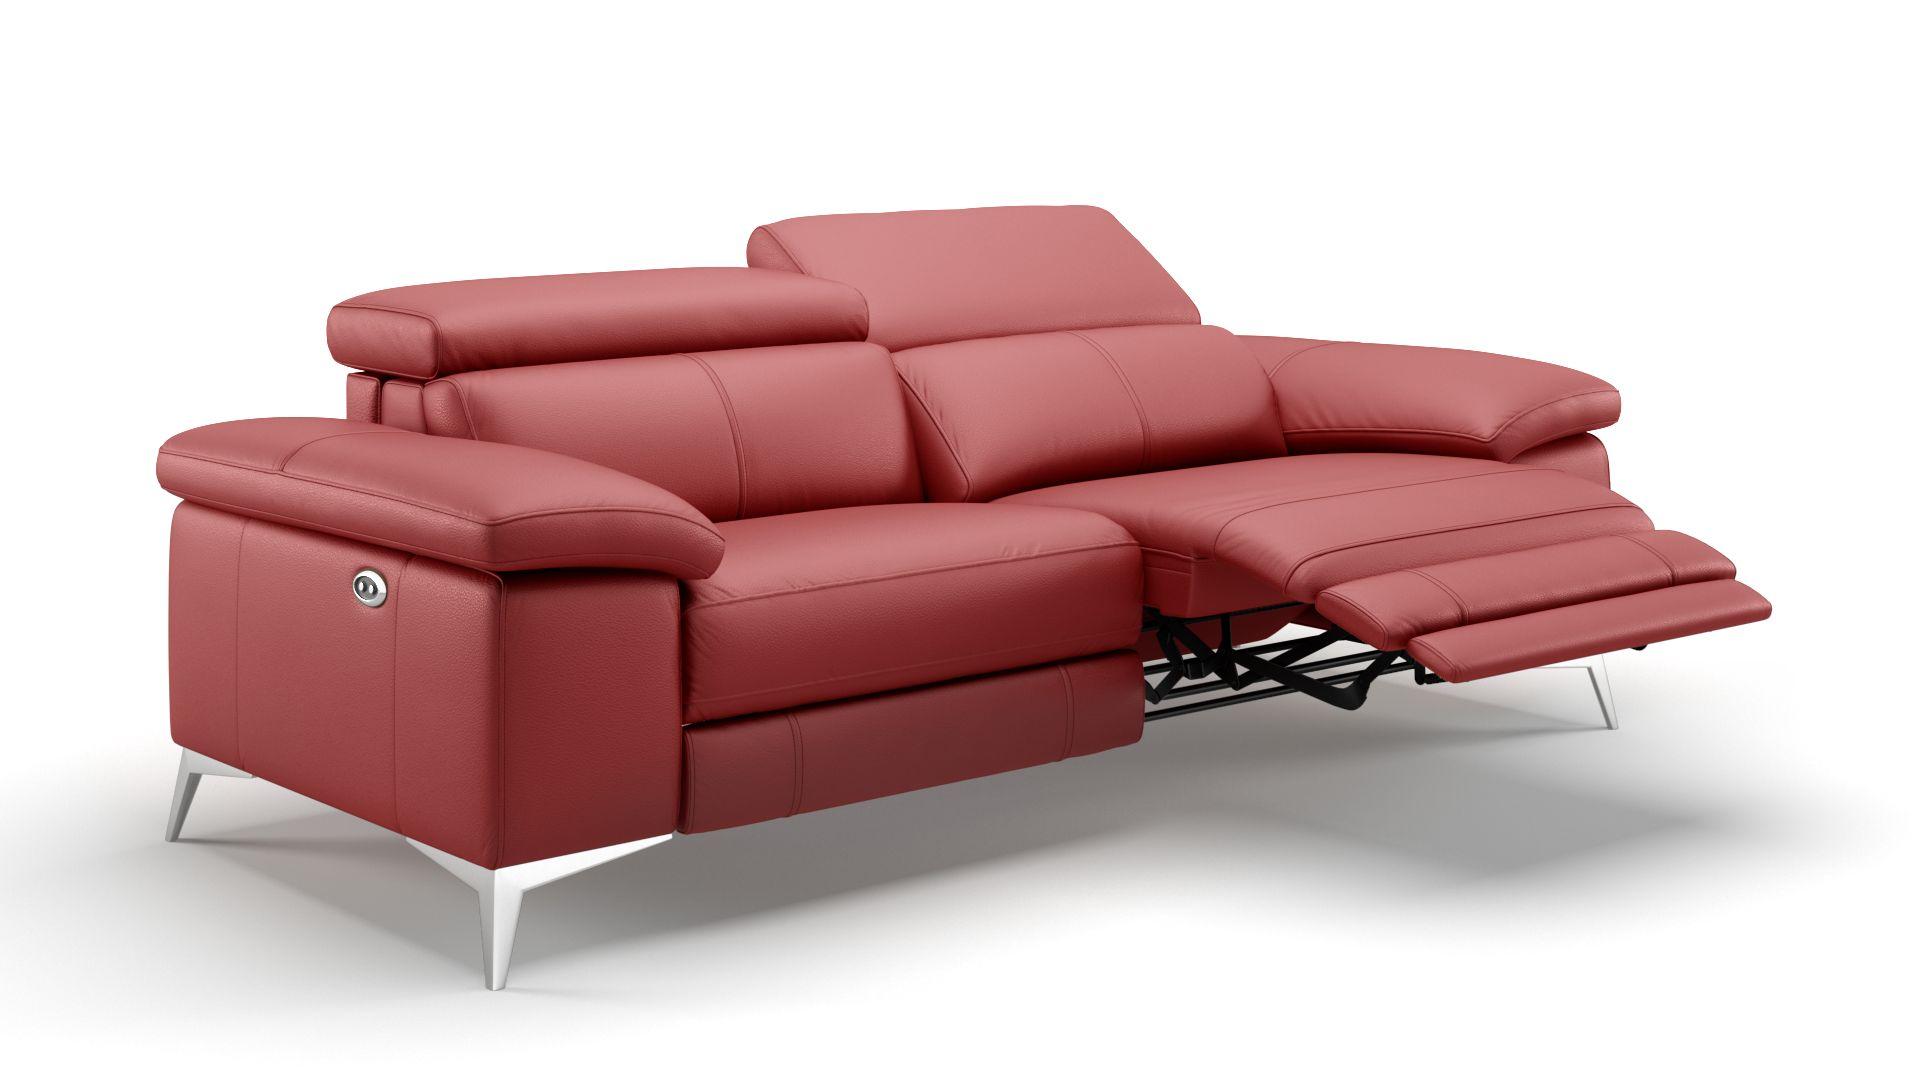 Full Size of 3 Sitzer Sofa Mit Relaxfunktion Relaxsofa Elektrisch Verstellbar Sofanella 2er Grau Impressionen Boxen Kissen Samt L Schlaffunktion Rundes 2 Bezug Ecksofa Sofa 3 Sitzer Sofa Mit Relaxfunktion